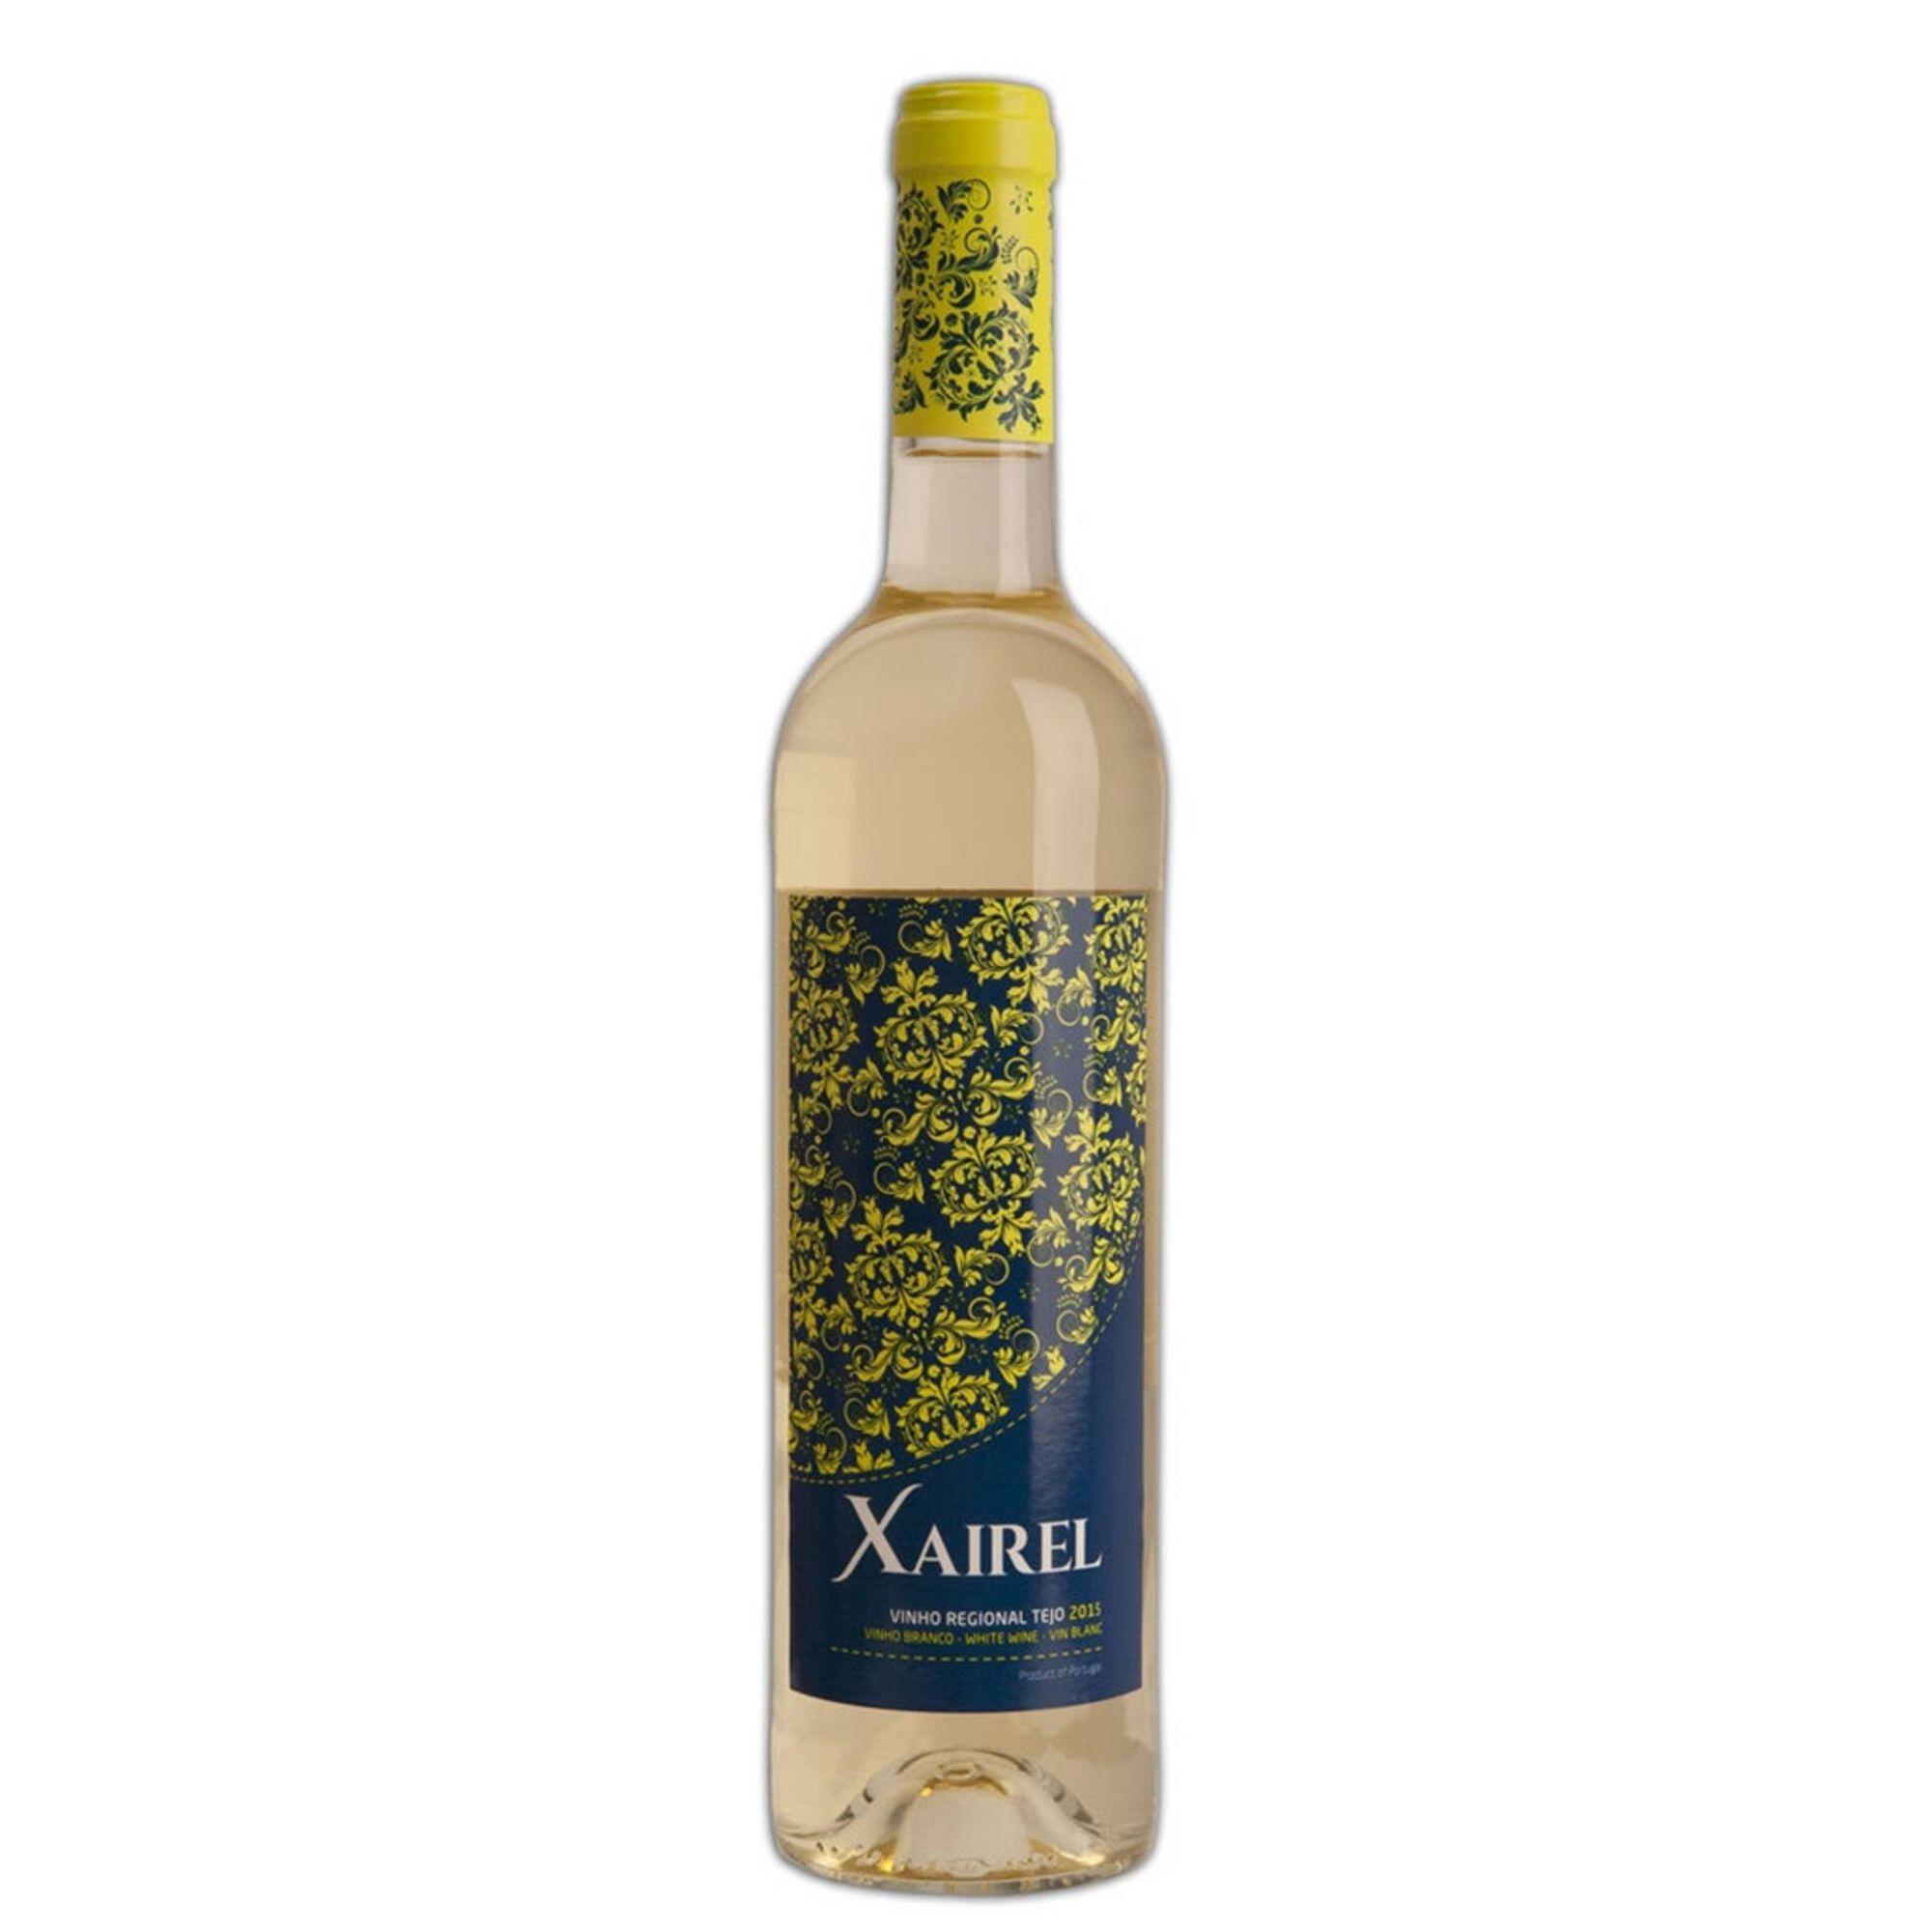 Xairel Regional Tejo Vinho Branco